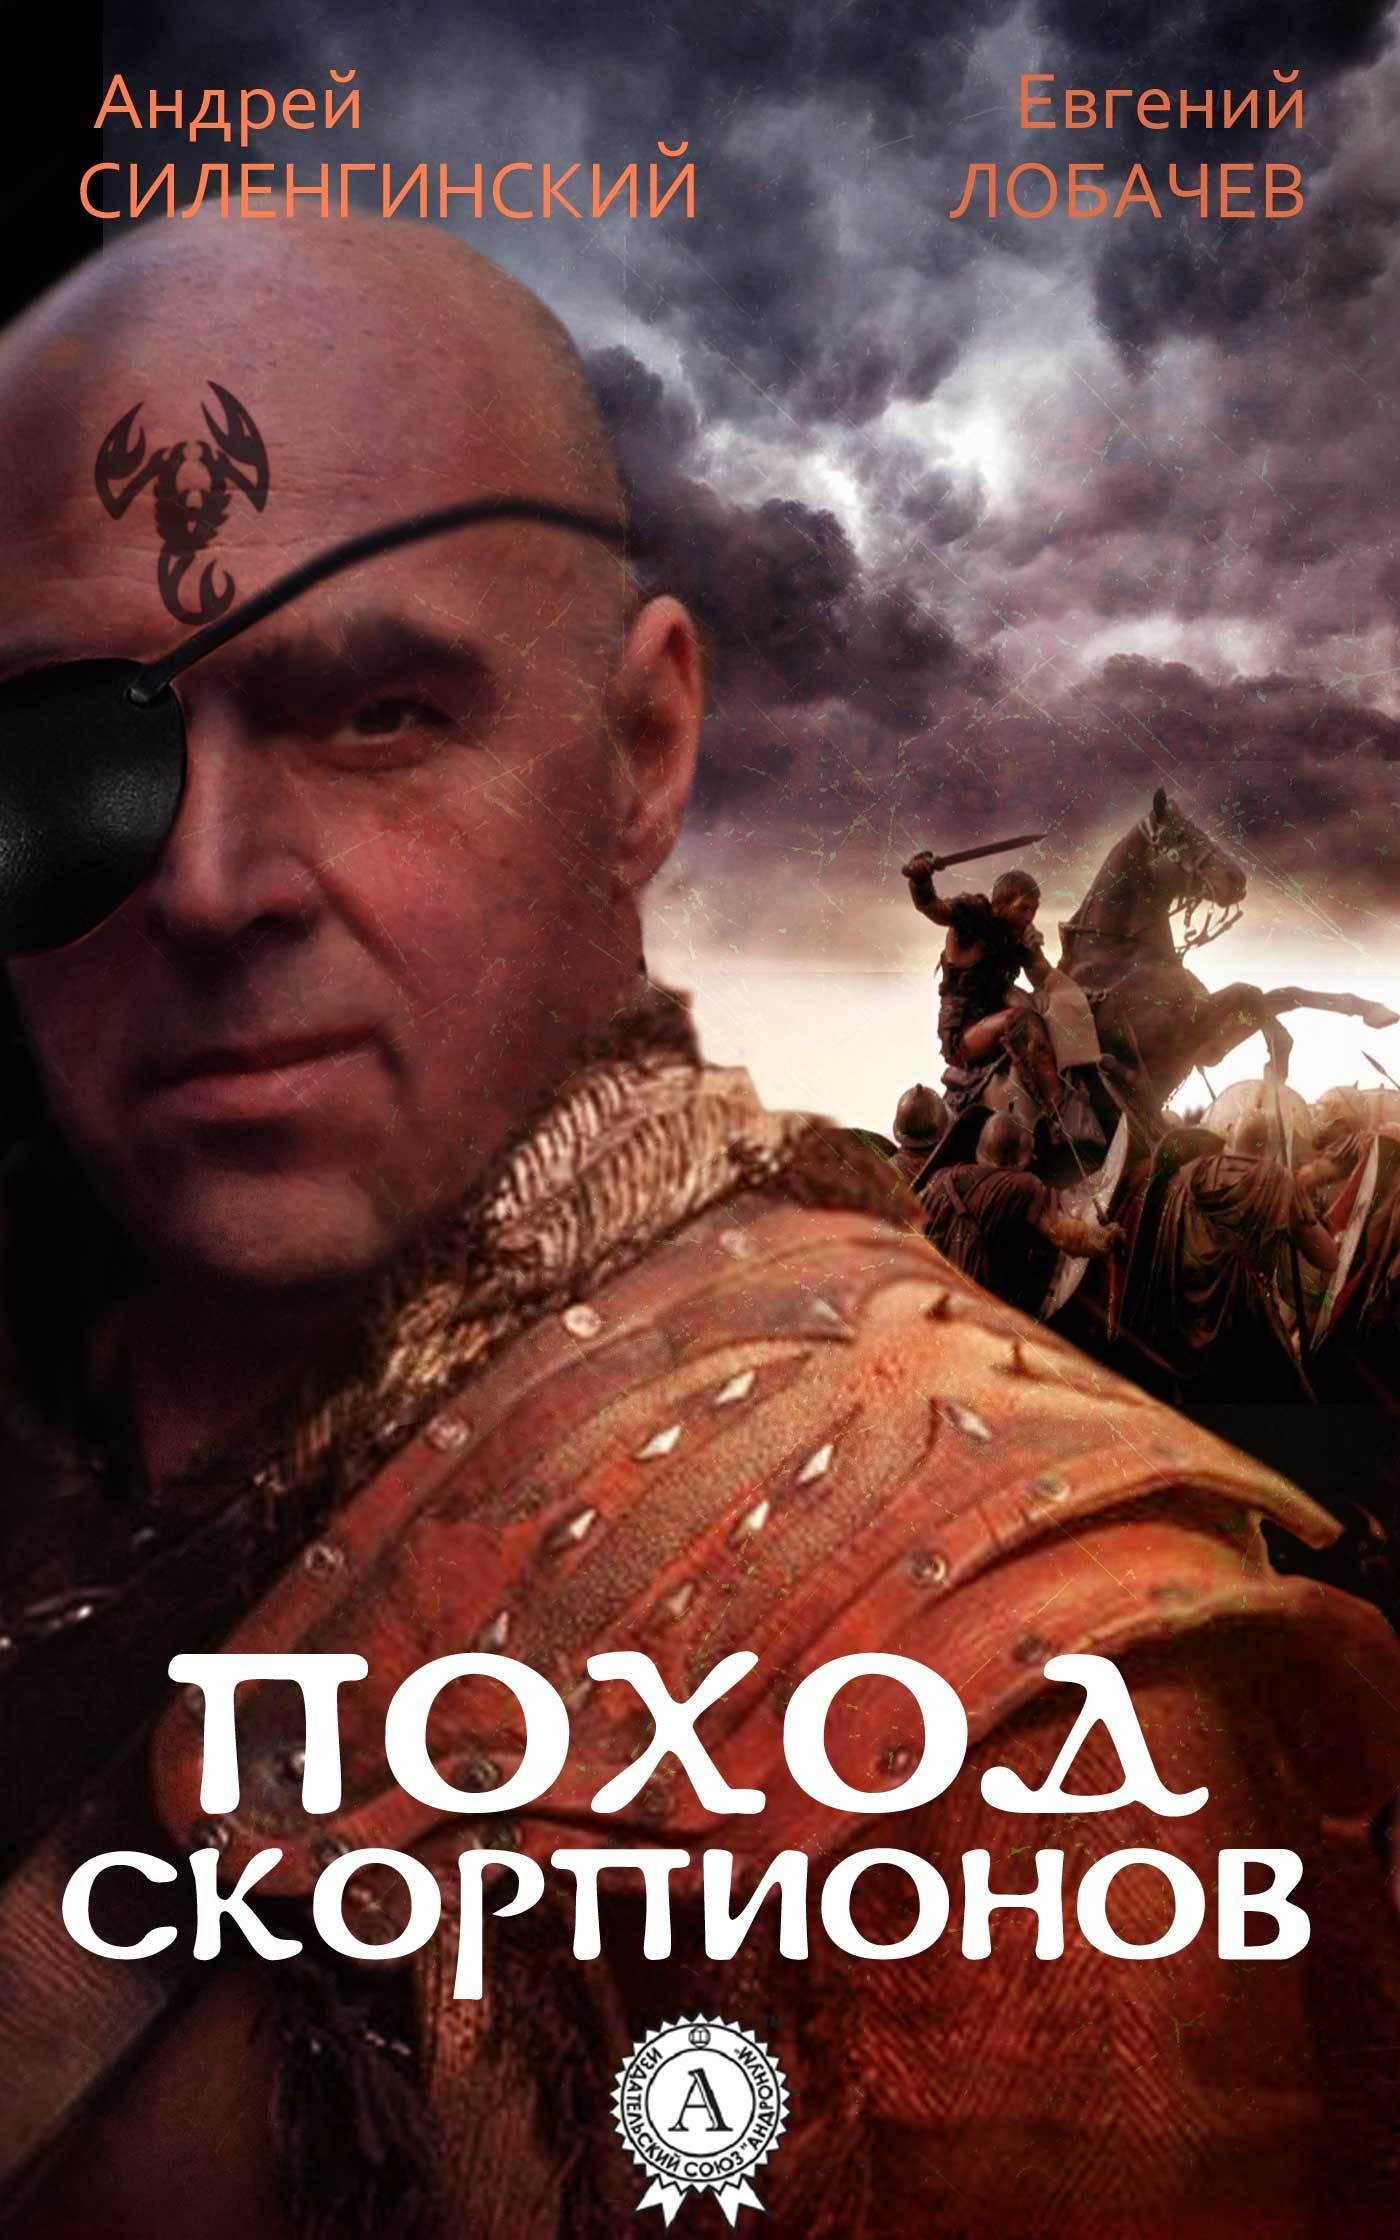 Андрей Силенгинский Поход скорпионов